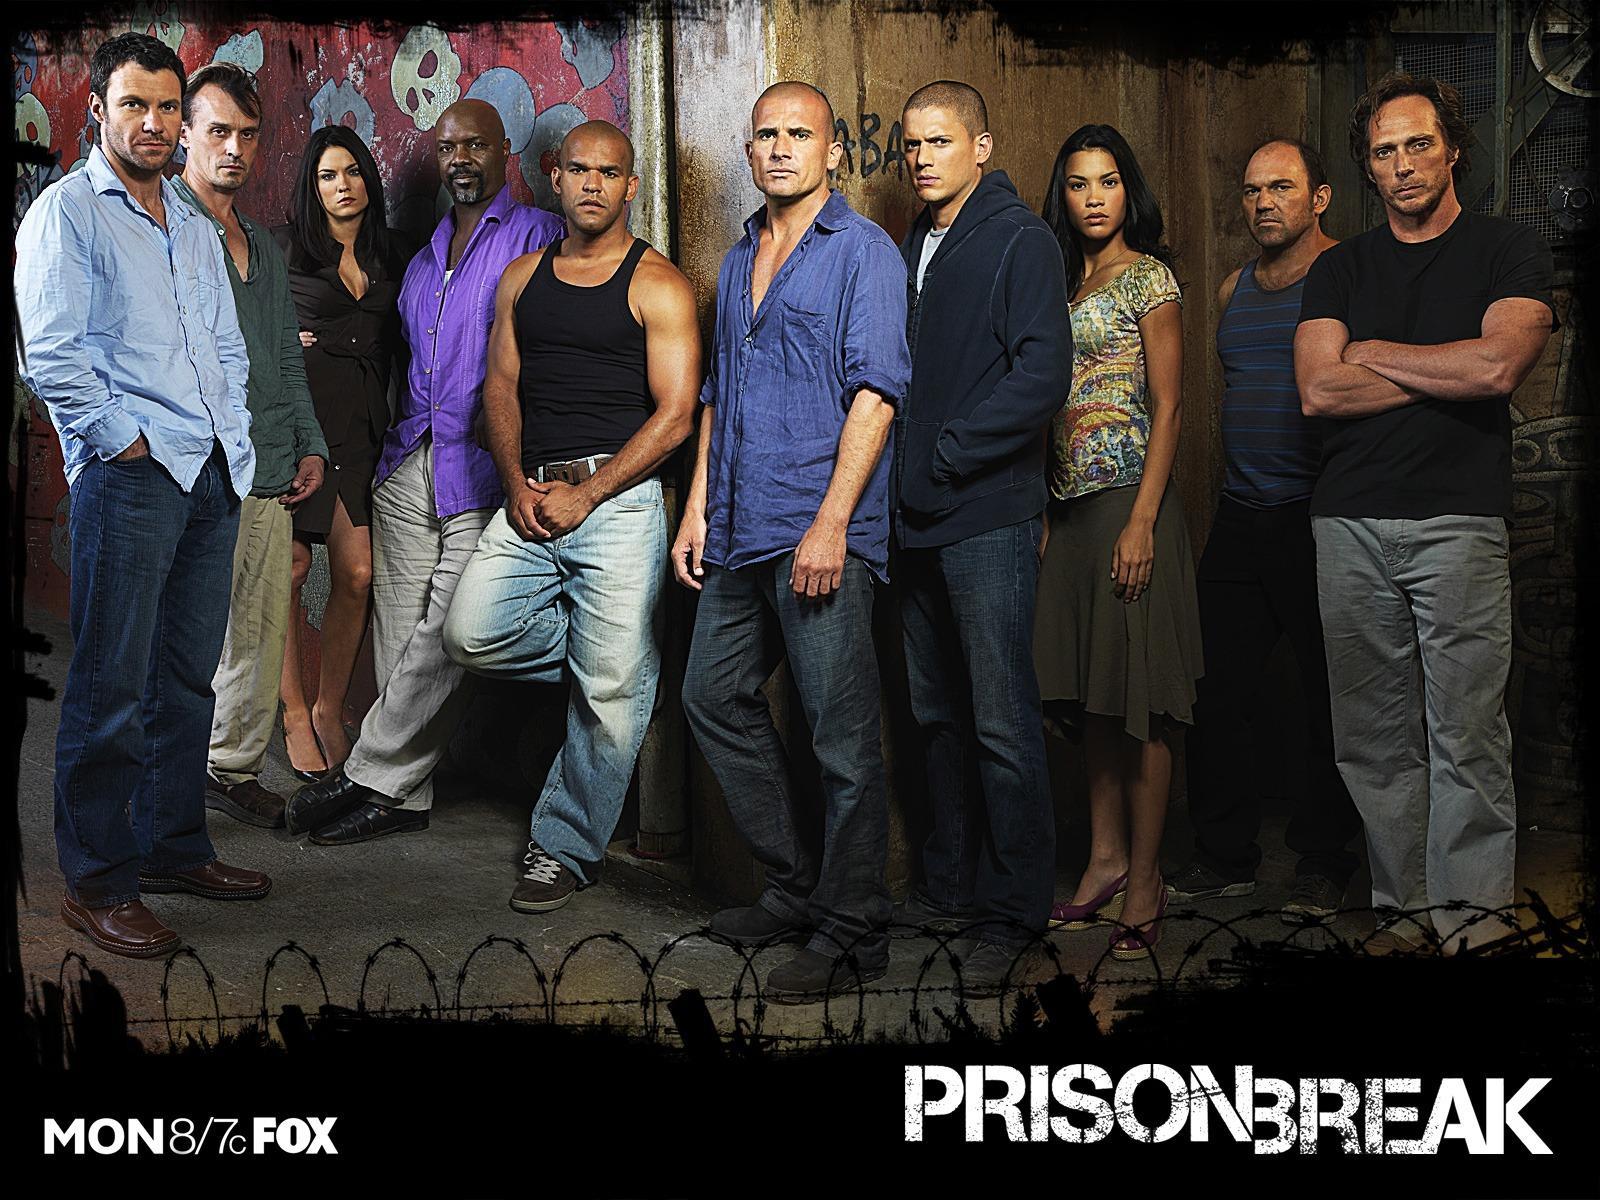 海外ドラマ『PRISON BREAK/プリズン・ブレイク』シーズン3の情報   海外ドラマと映画のキャスト情報